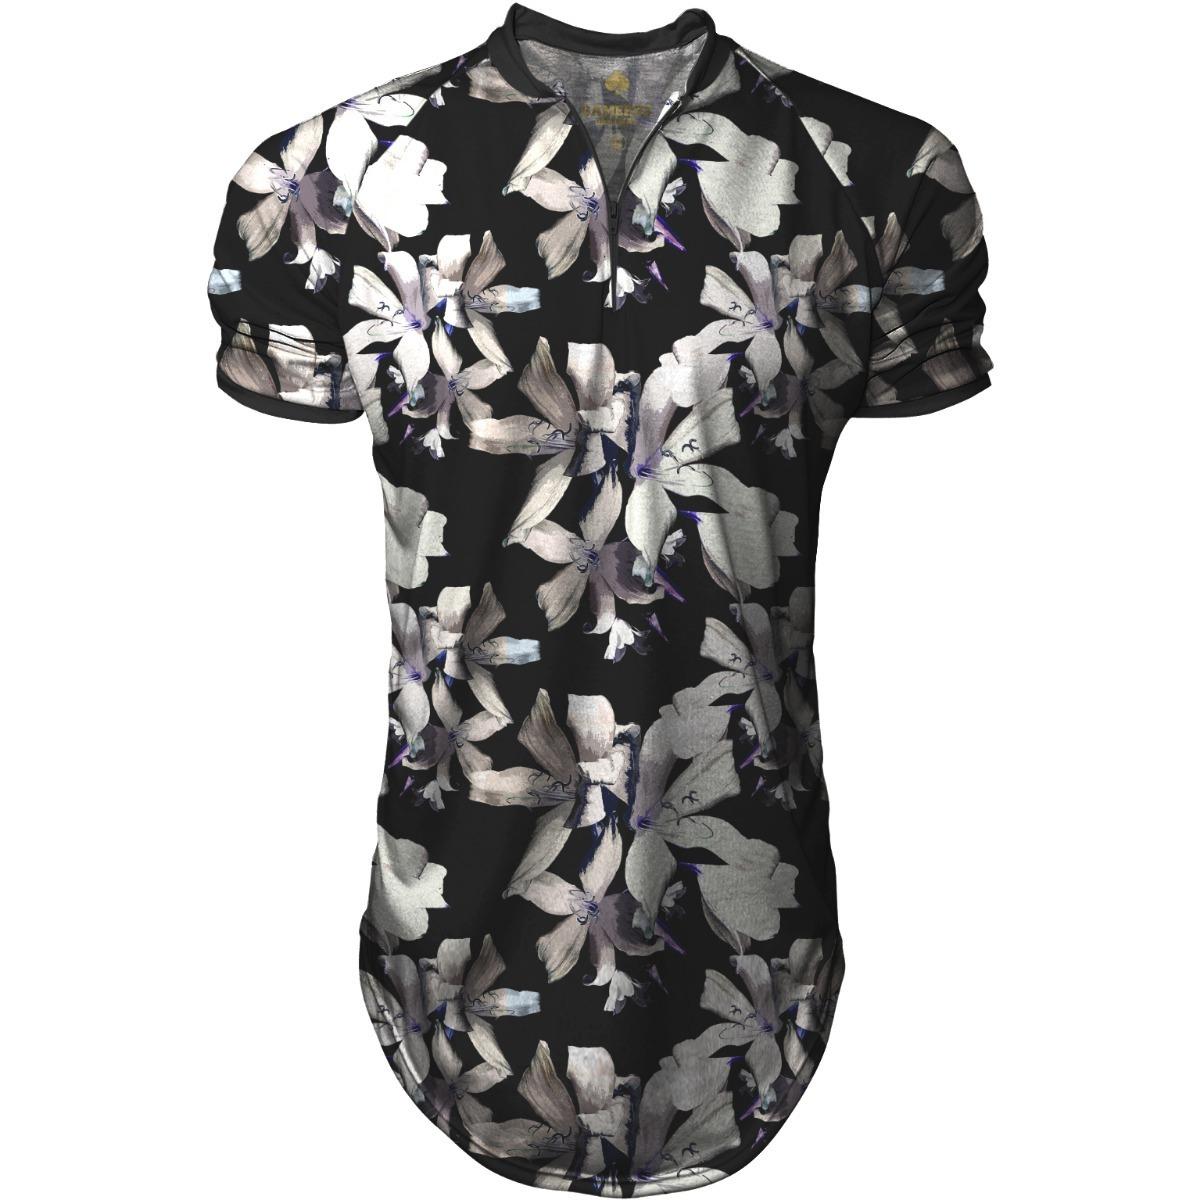 camisa longline masculina gola polo esporte florido swag. Carregando zoom. f3969709c8dc9